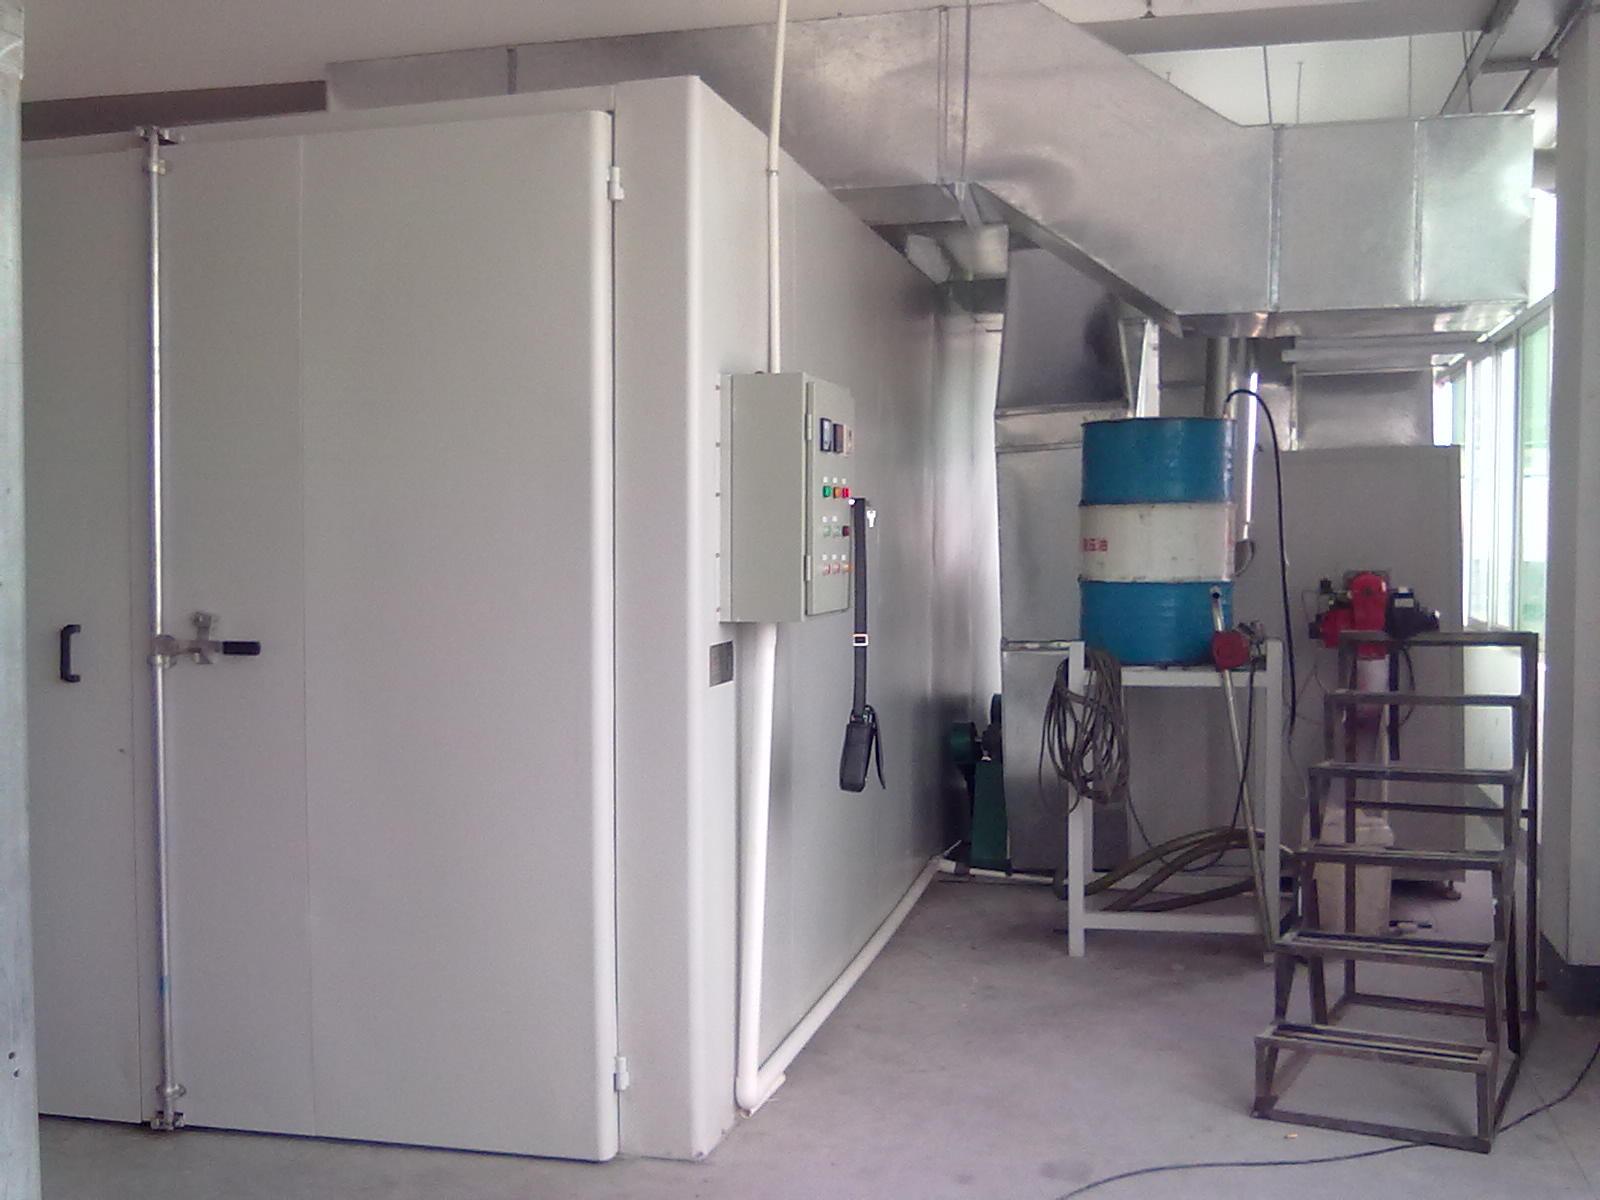 设计功能控制电柜,老化所需时间,温度,各类操作开关可在一个控制电柜